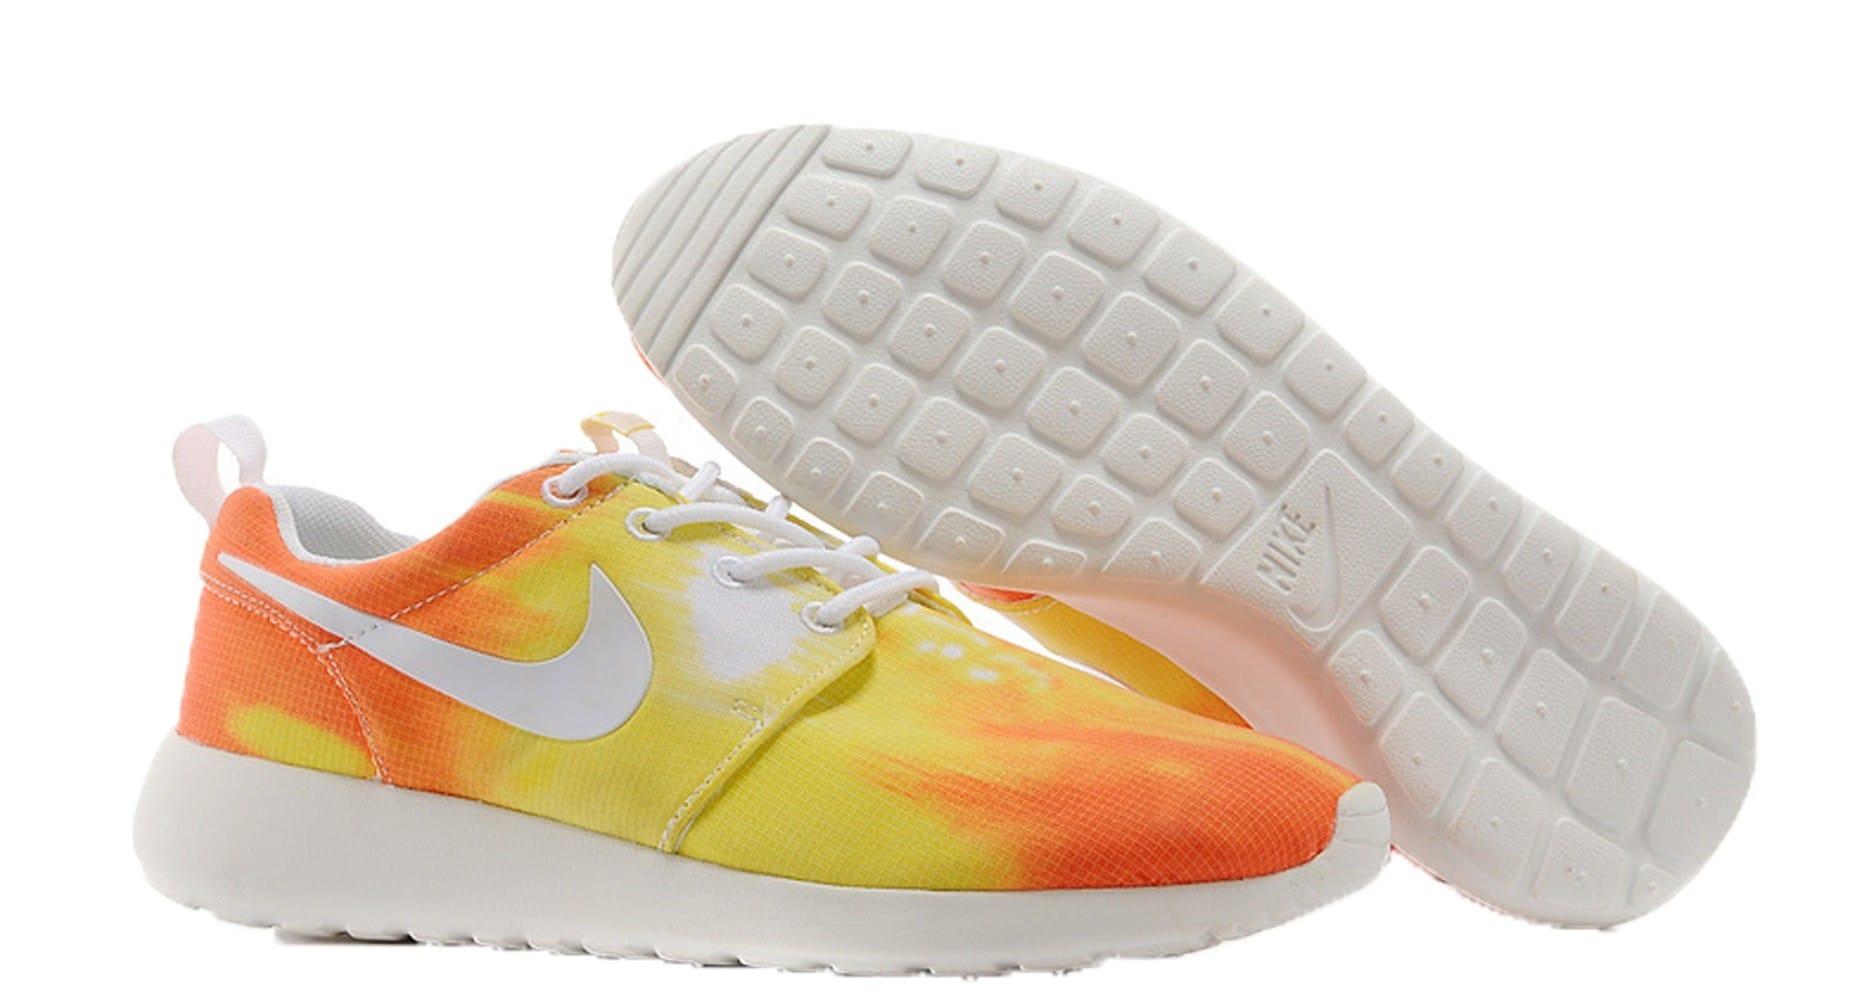 Nike Roshe Run Gris Y Naranja